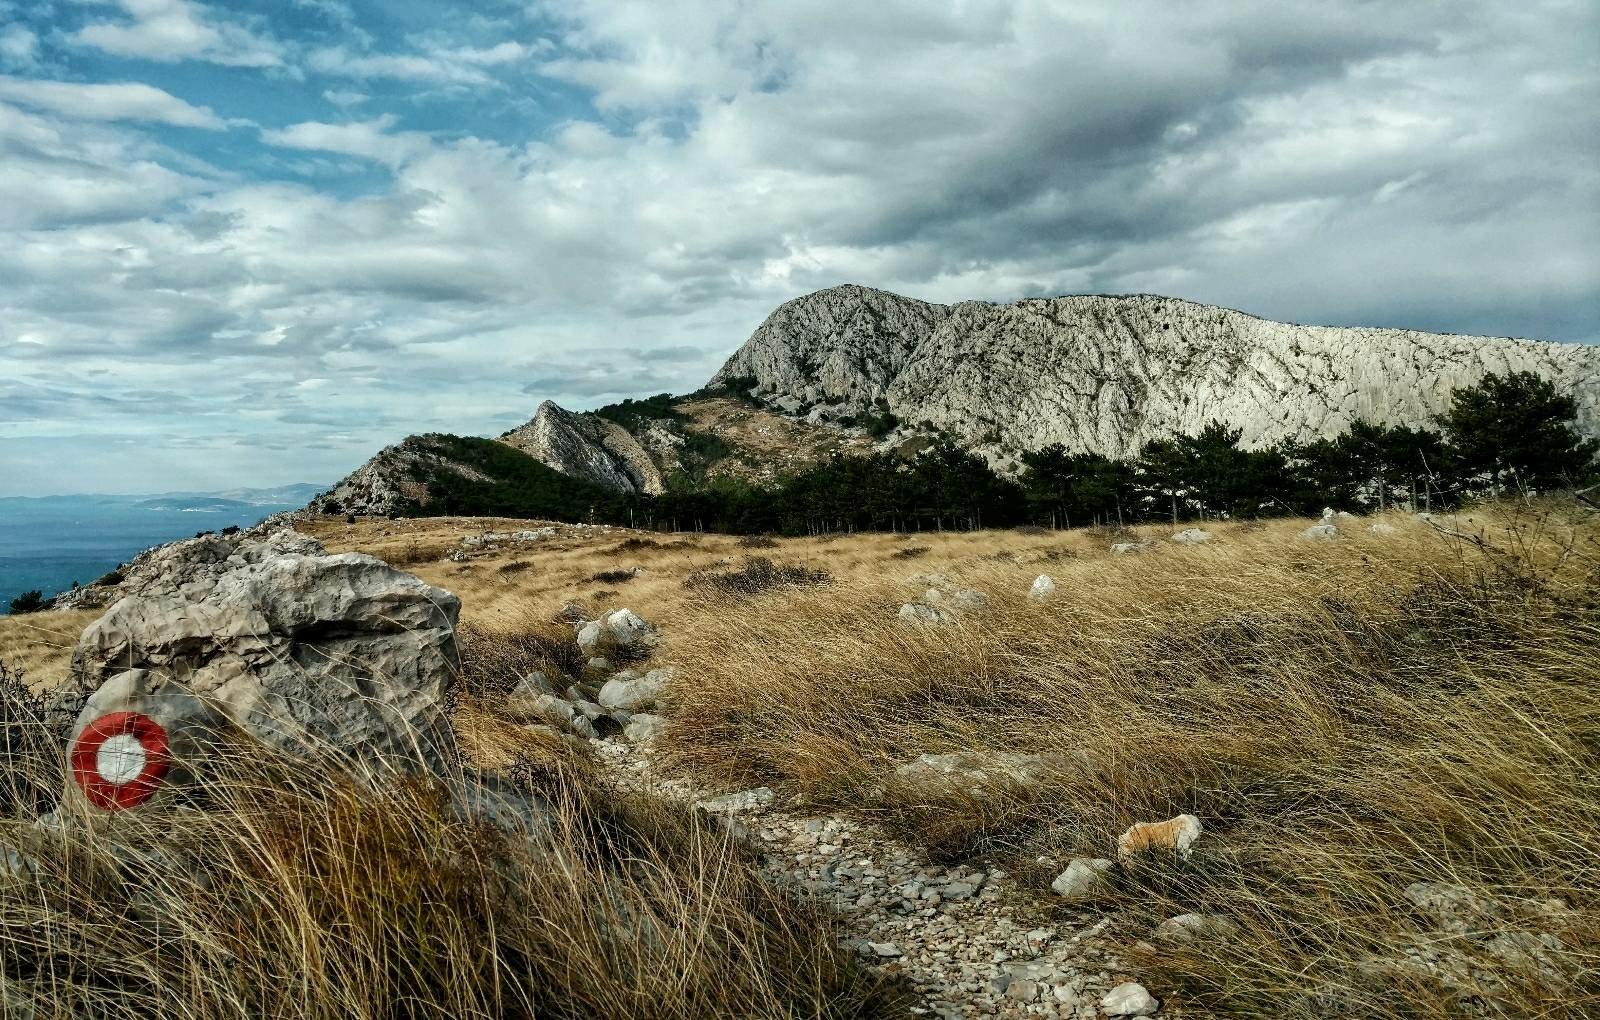 Hiking from Svinišće to Omiš on Omiška Dinara